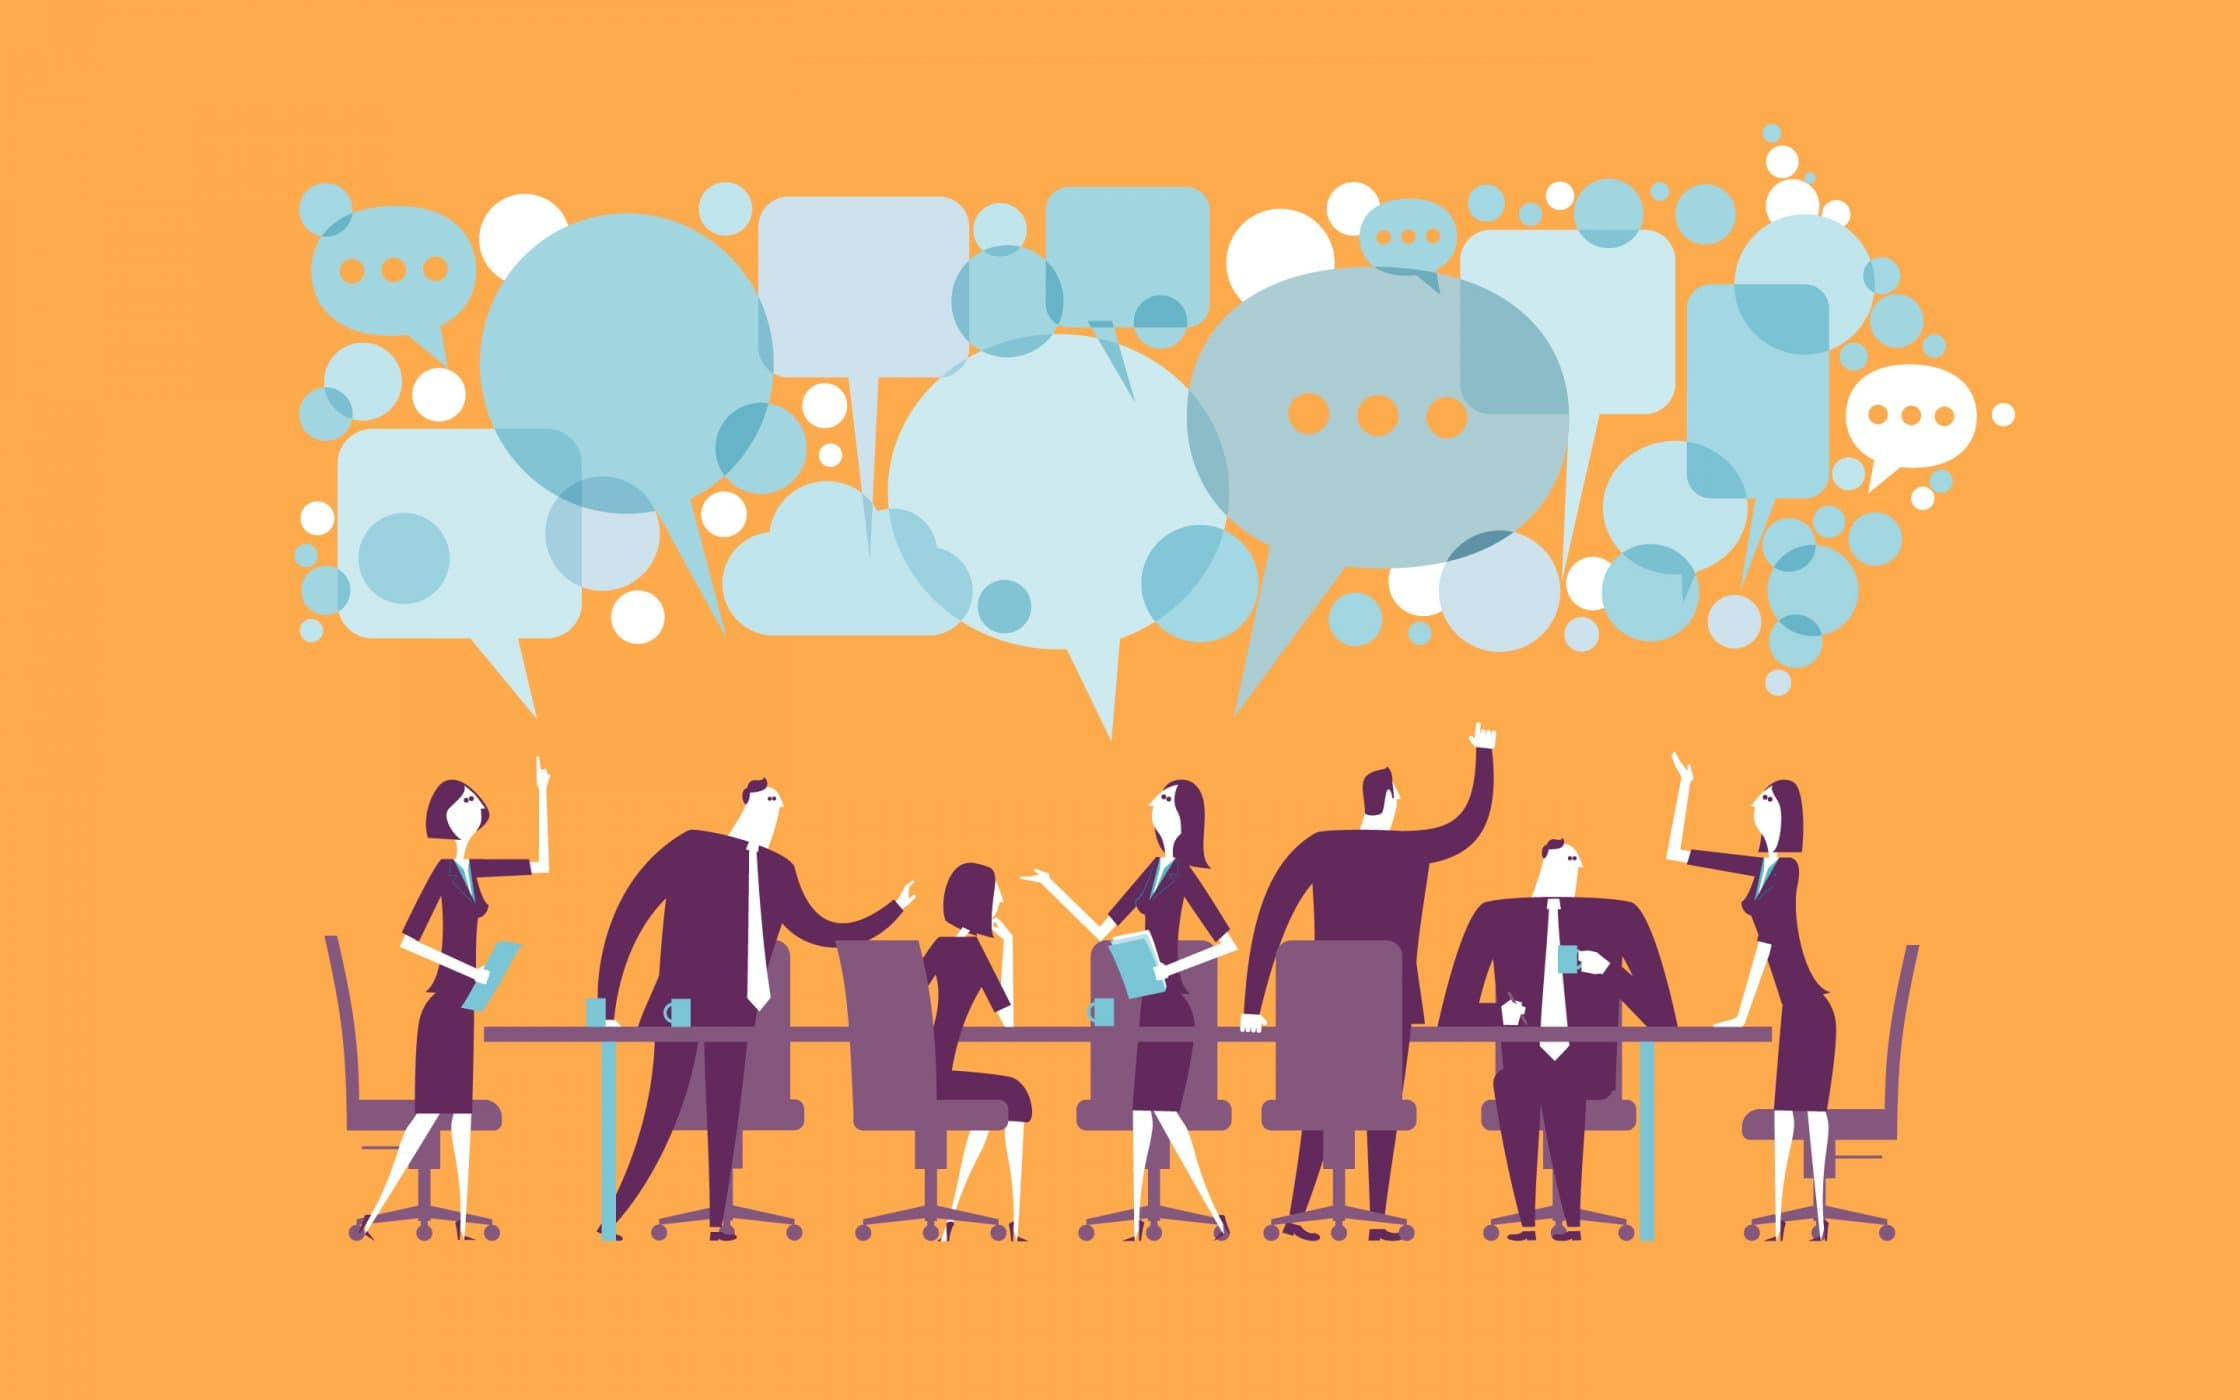 Truyền thông nội bộ là gì? Bí quyết xây dựng truyền thông nội bộ hiệu quả!